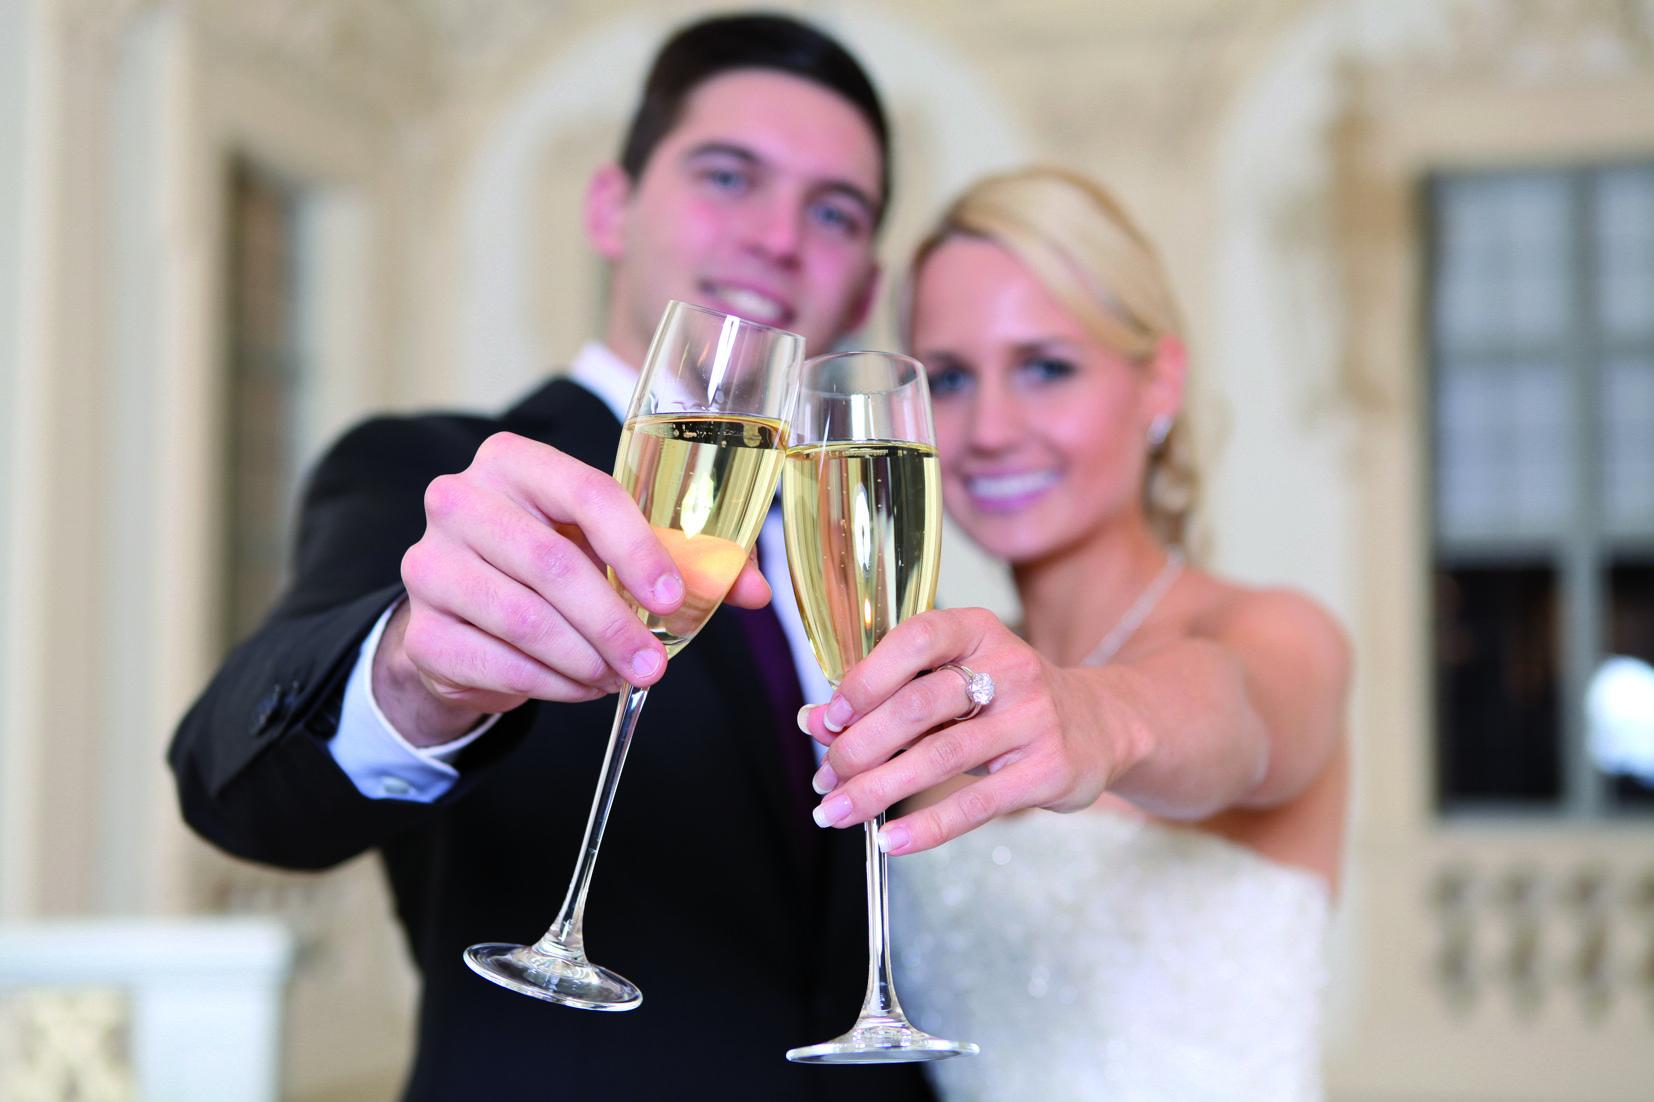 Hochzeitsbild vor historischer Kulisse; Foto: AMEA Design & More